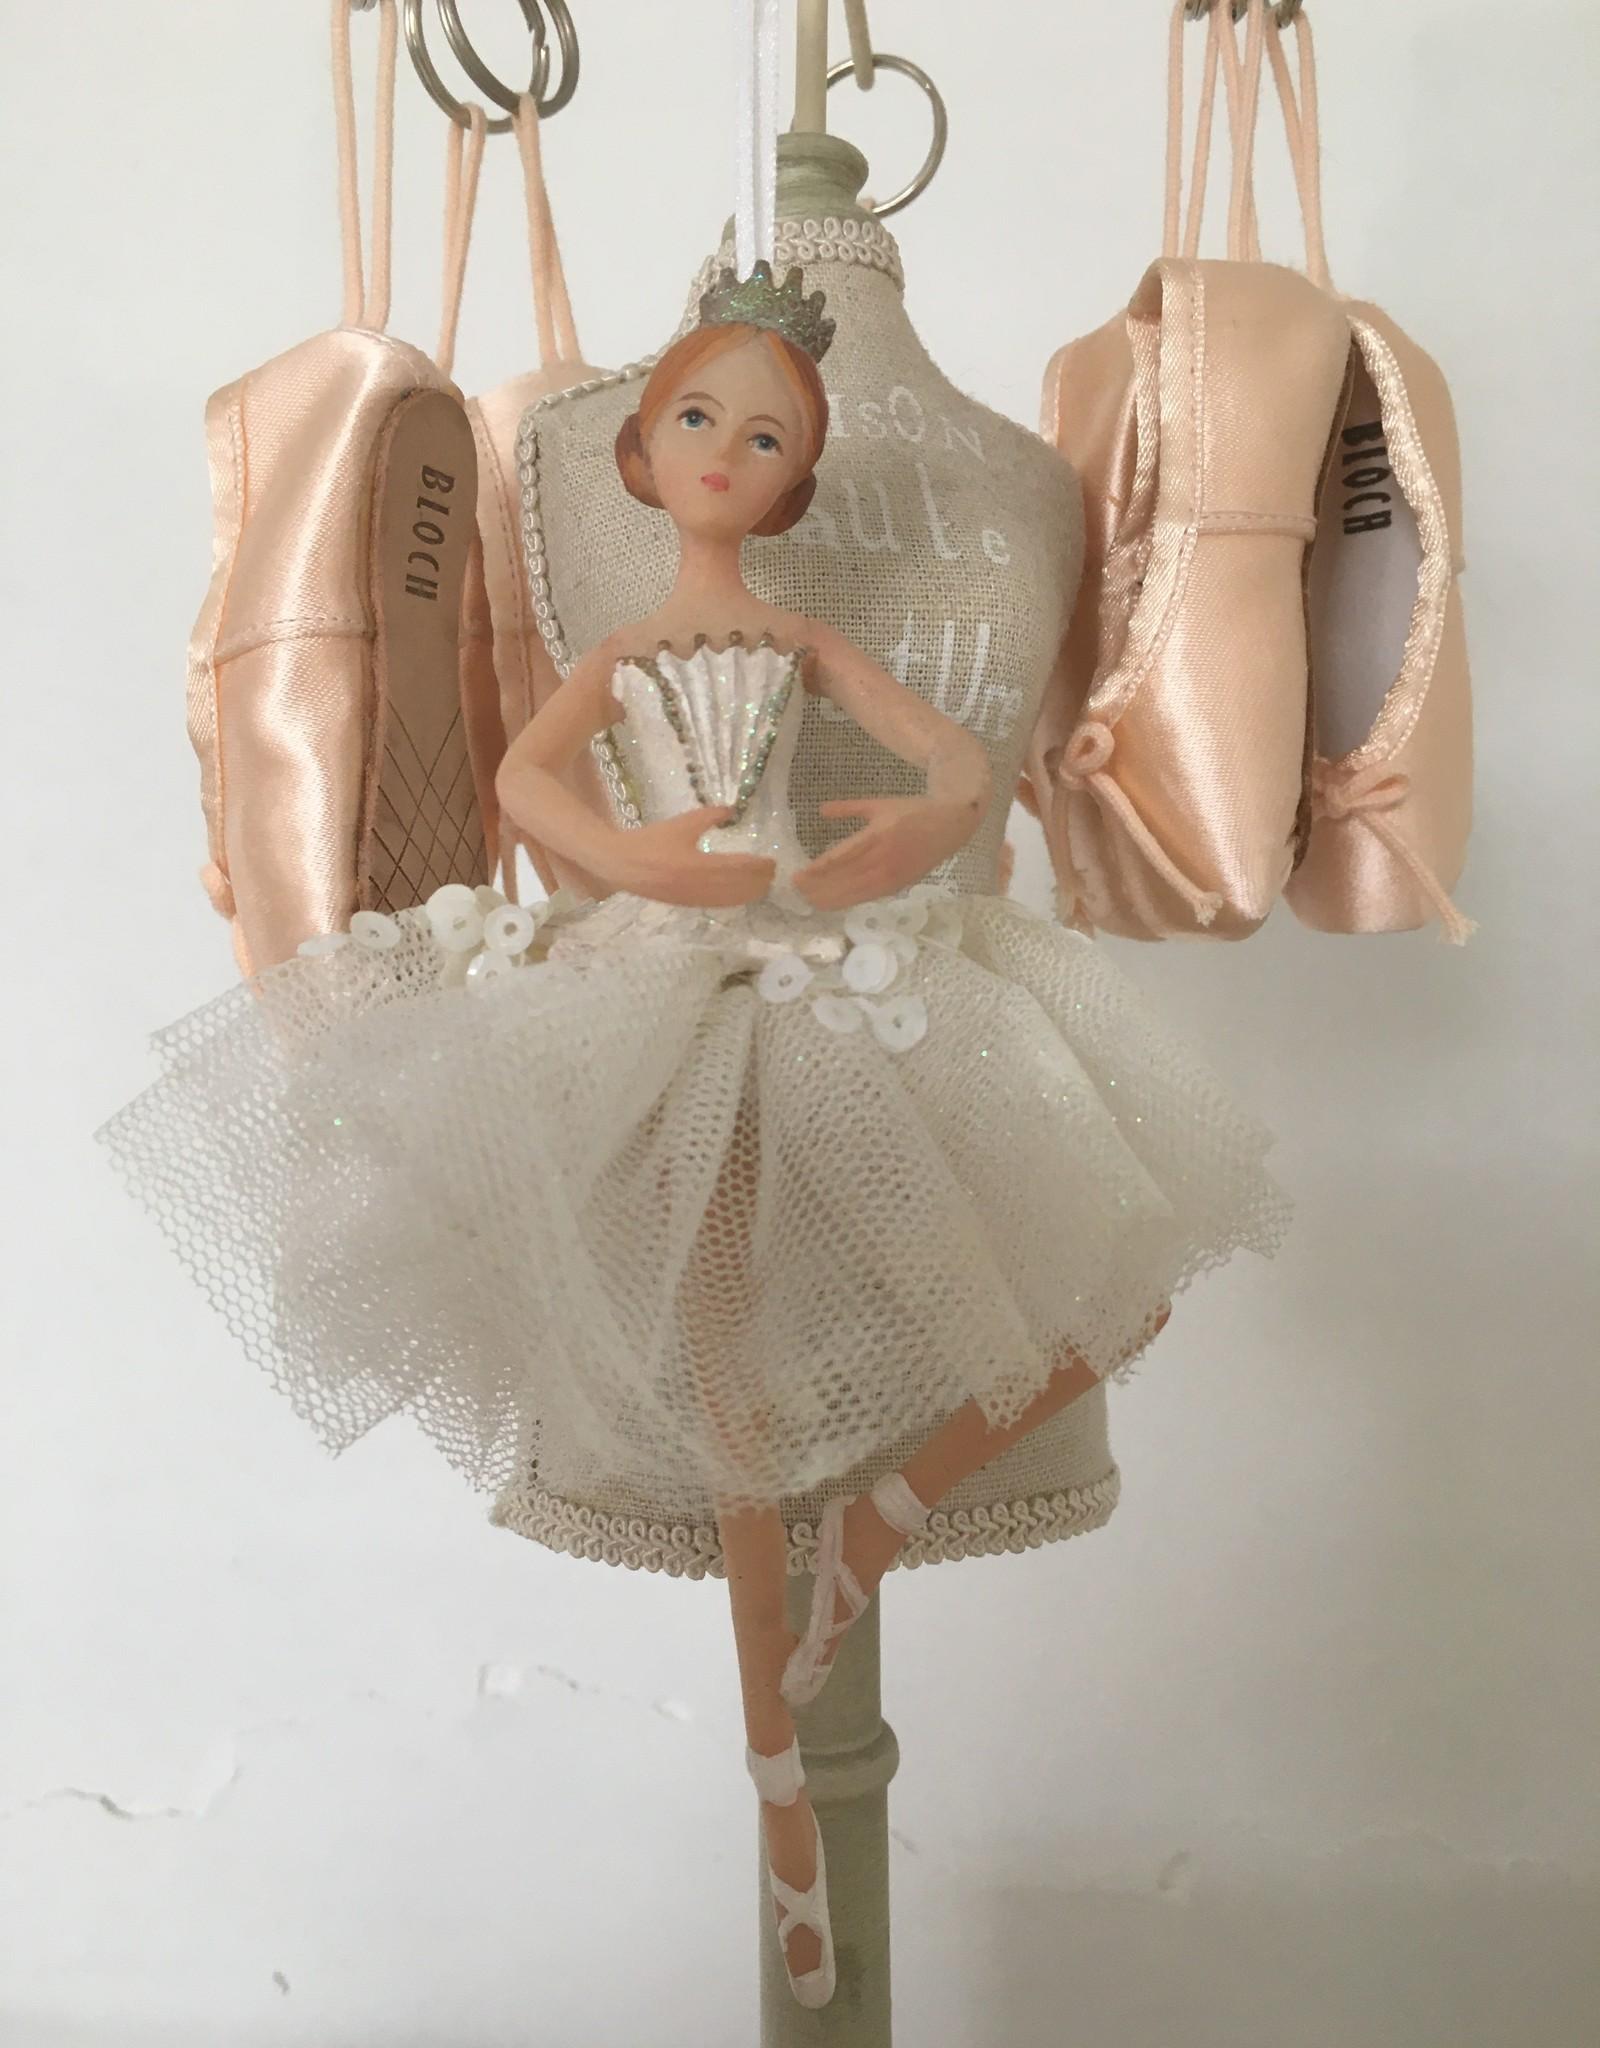 Goodwill Goodwill porseleinen ballerina hanger wit